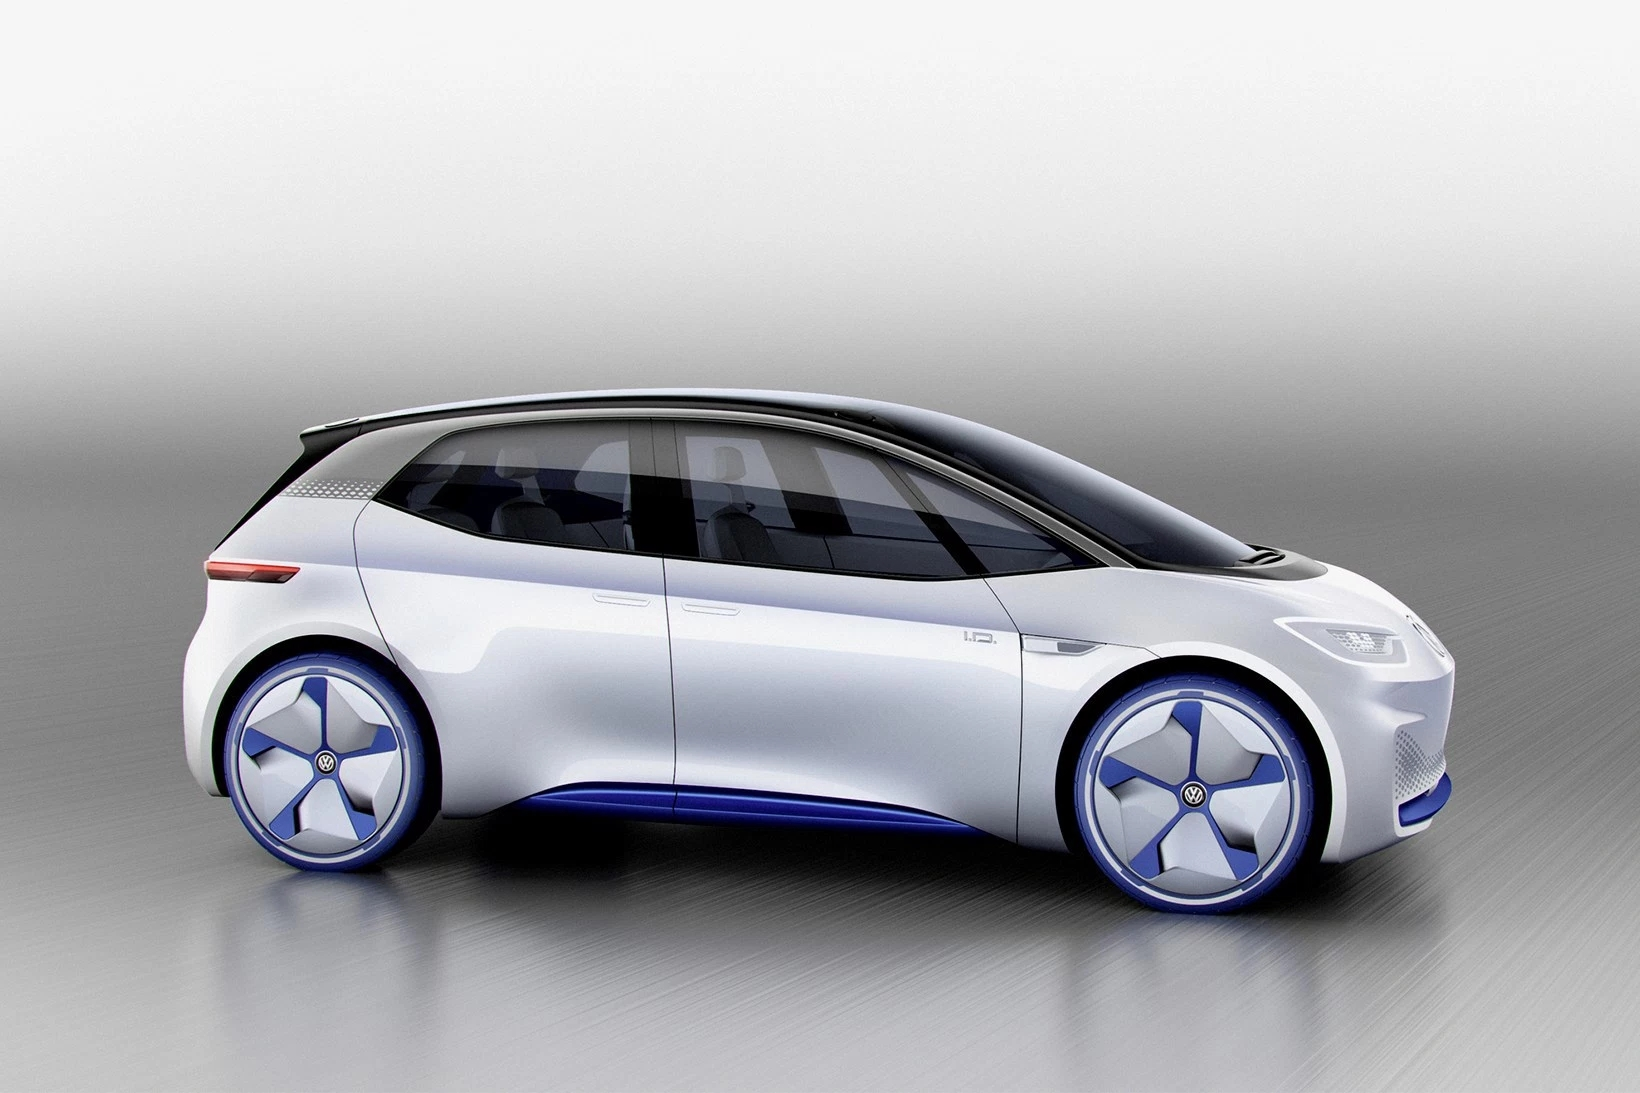 巴黎车展大众首款纯电动概念车I.D.Concept